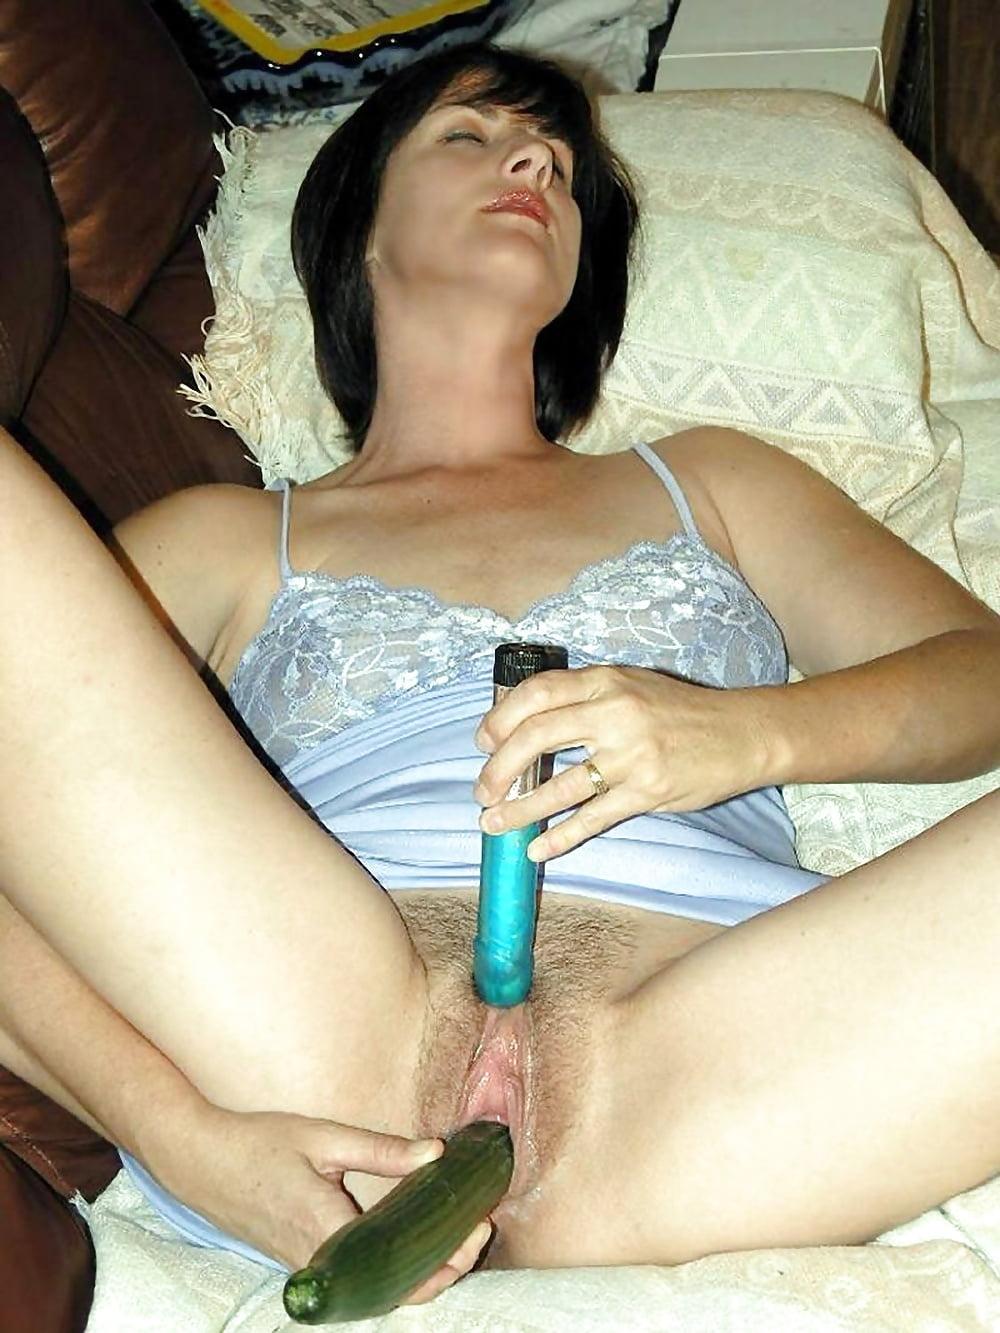 Женщины сами снимают себя на камеру мастурбируют разными предметами подборка — 7